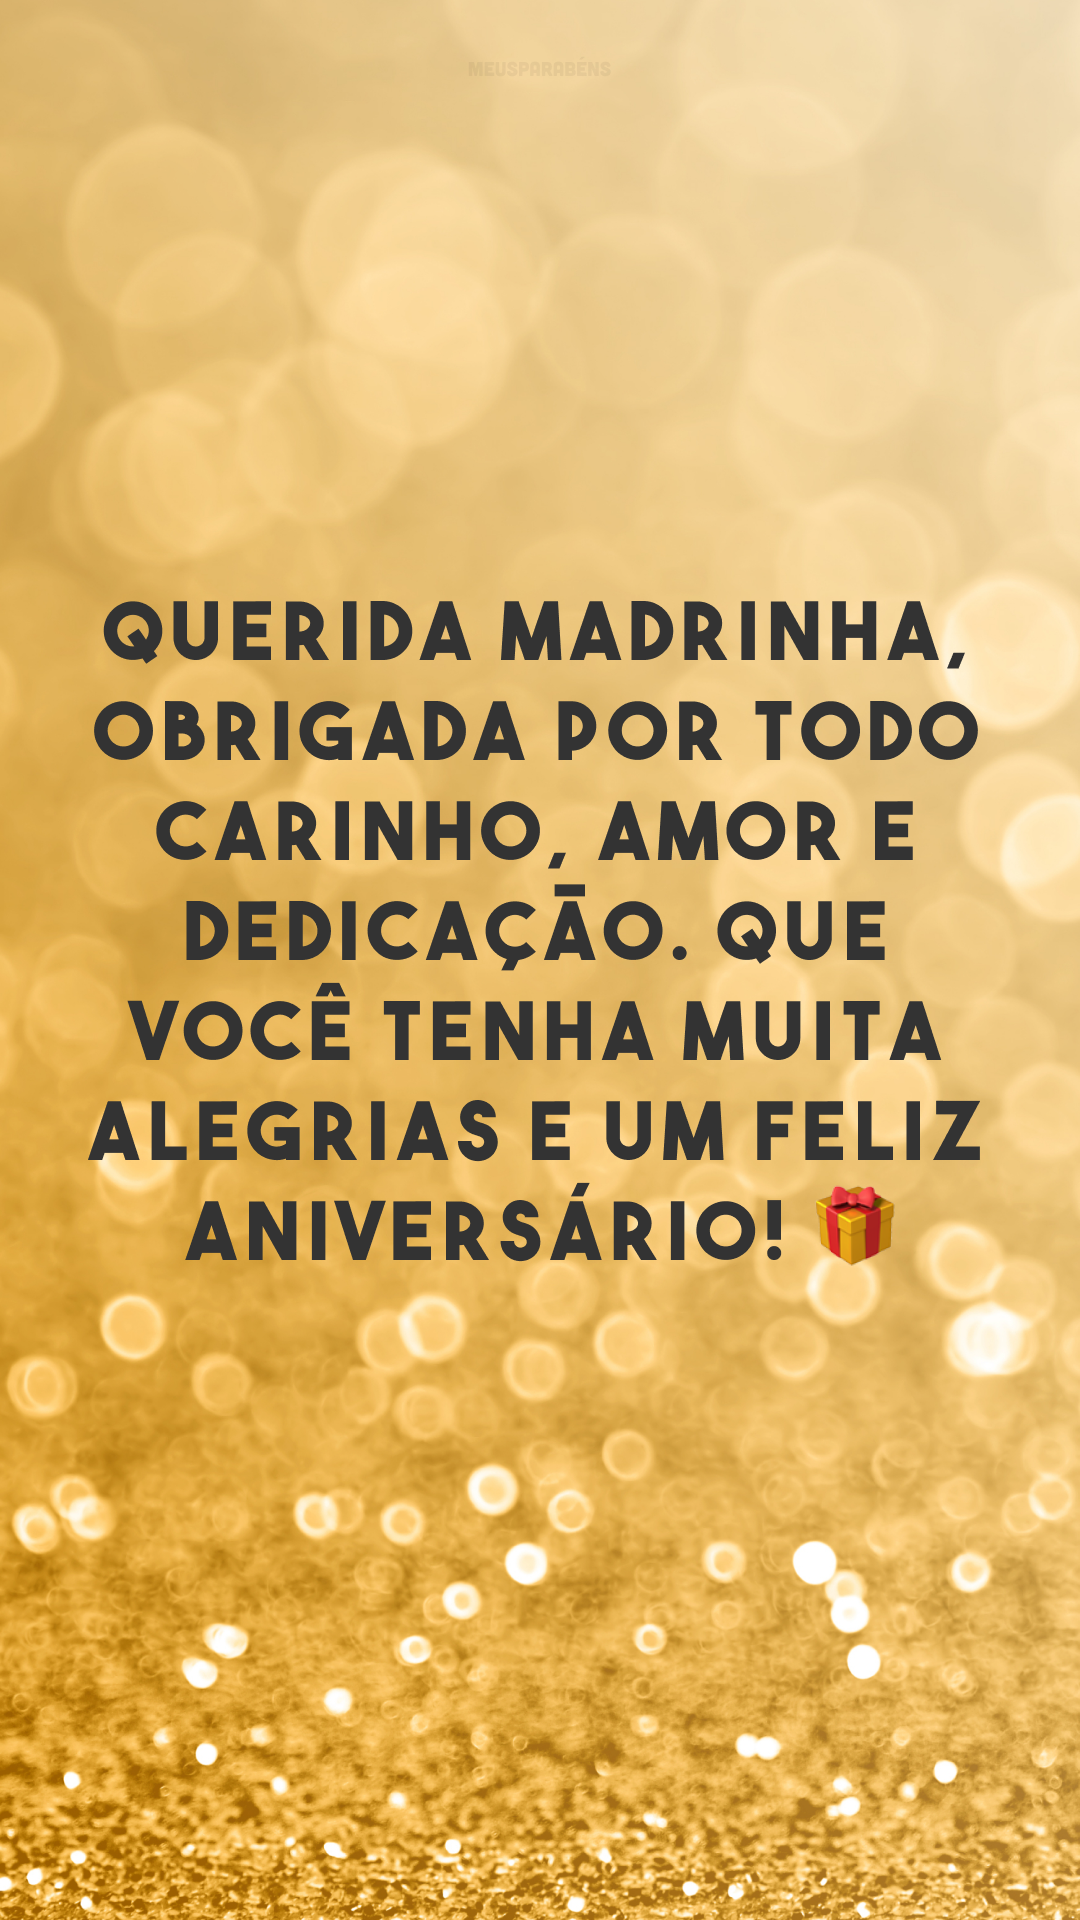 Querida madrinha, obrigada por todo carinho, amor e dedicação. Que você tenha muitas alegrias e um feliz aniversário! 🎁